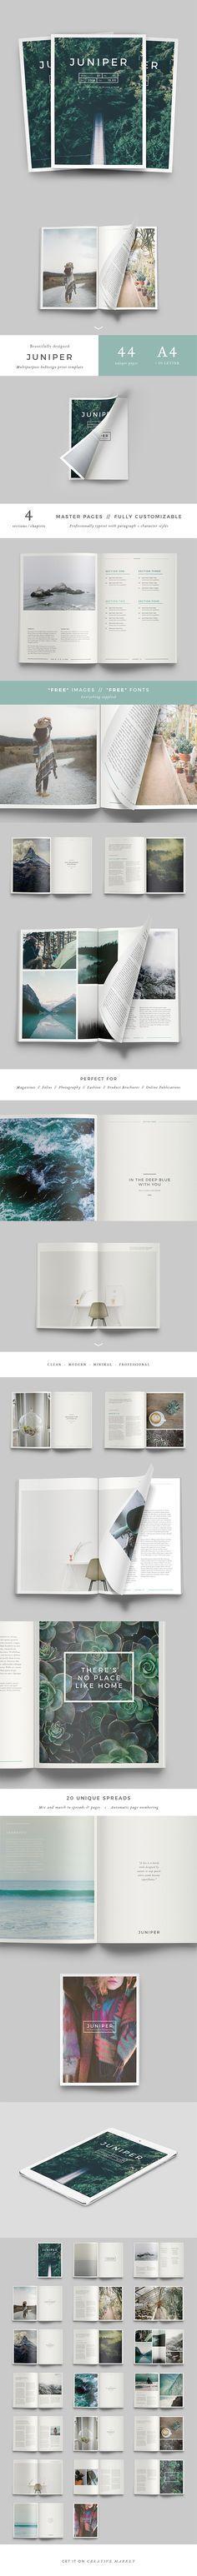 J U N I P E R Magazine / Portfolio  Book Design https://creativemarket.com/Forty6and2/515976-J-U-N-I-P-E-R-Magazine-Portfolio?u=Forty6and2